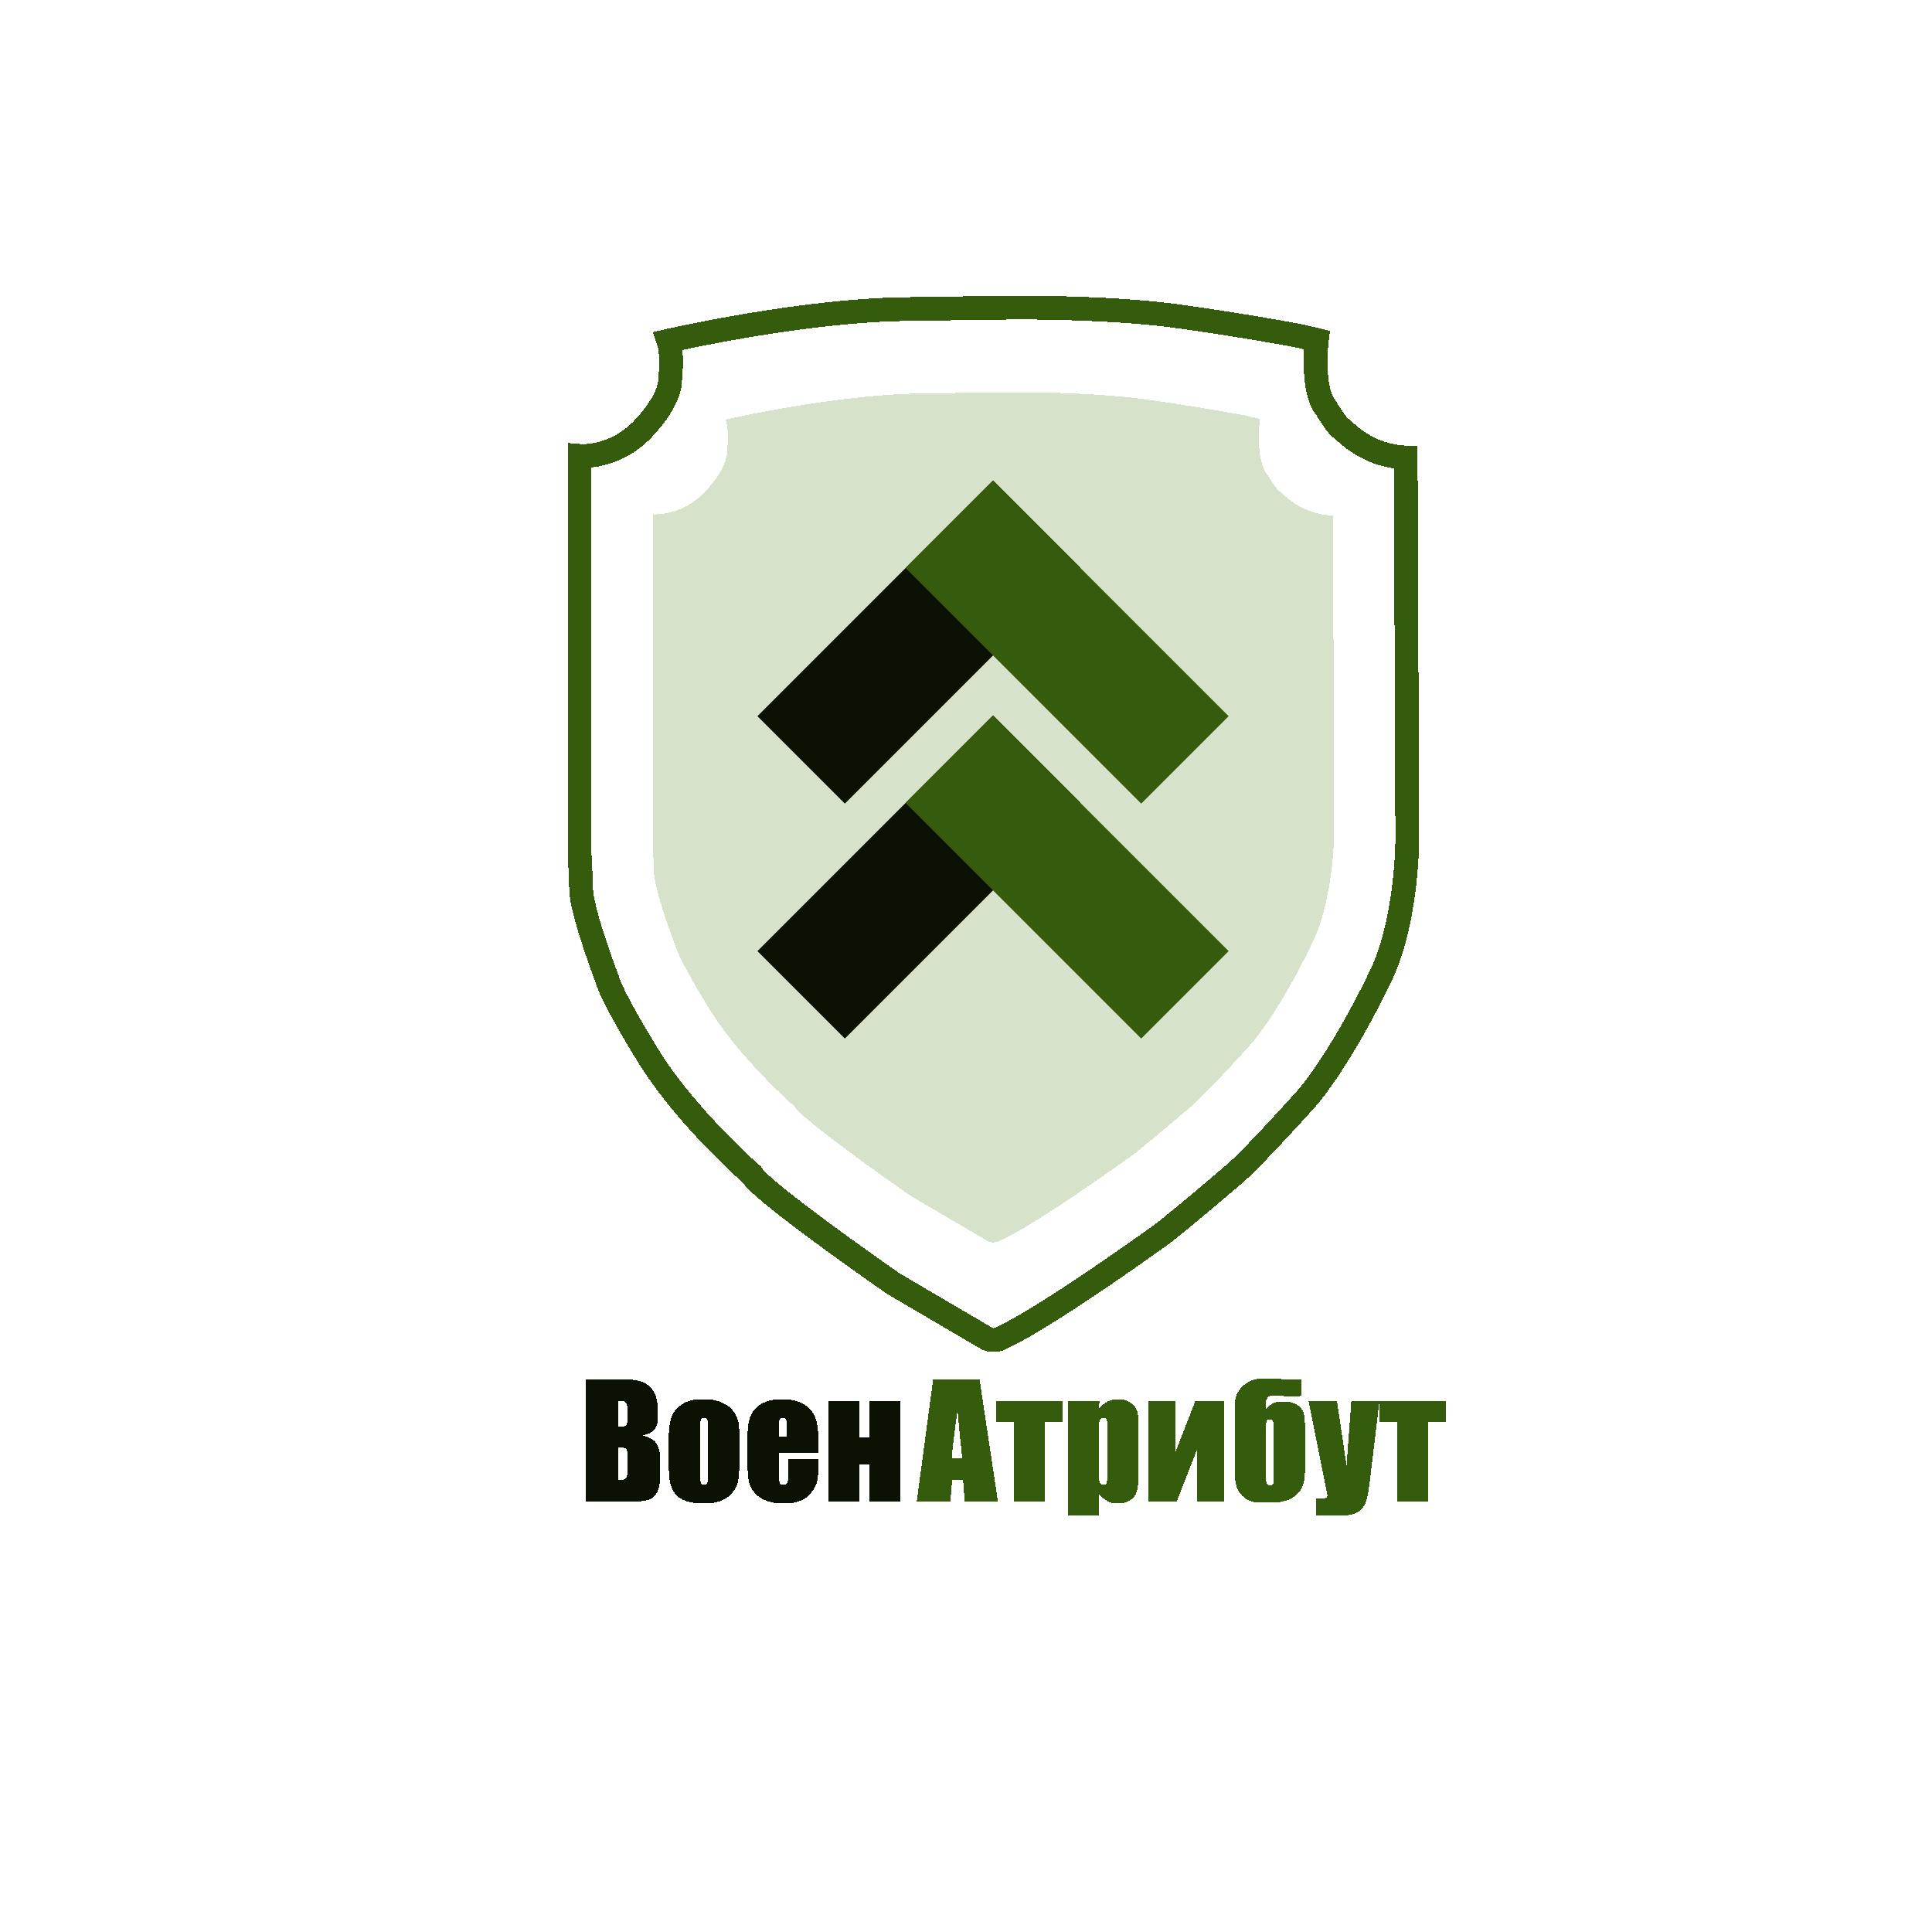 Разработка логотипа для компании военной тематики фото f_820601c18c5e1941.png